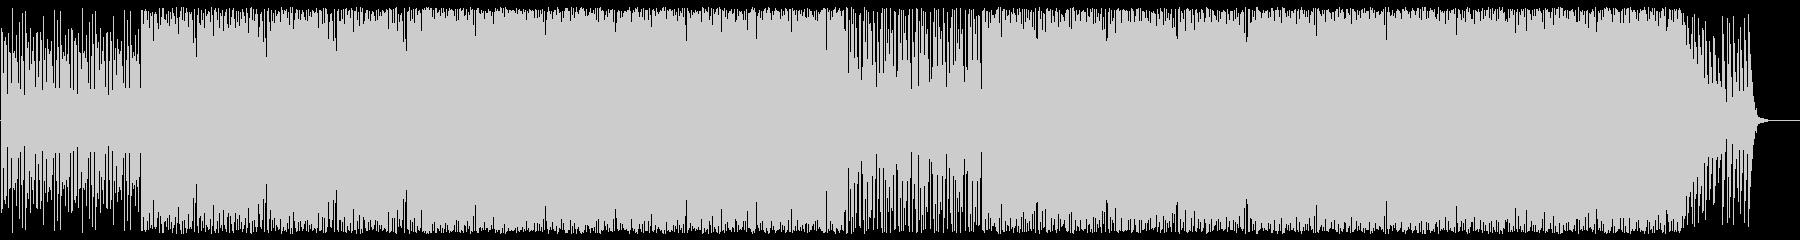 緩やかでクールなピアノテクノビートポップの未再生の波形